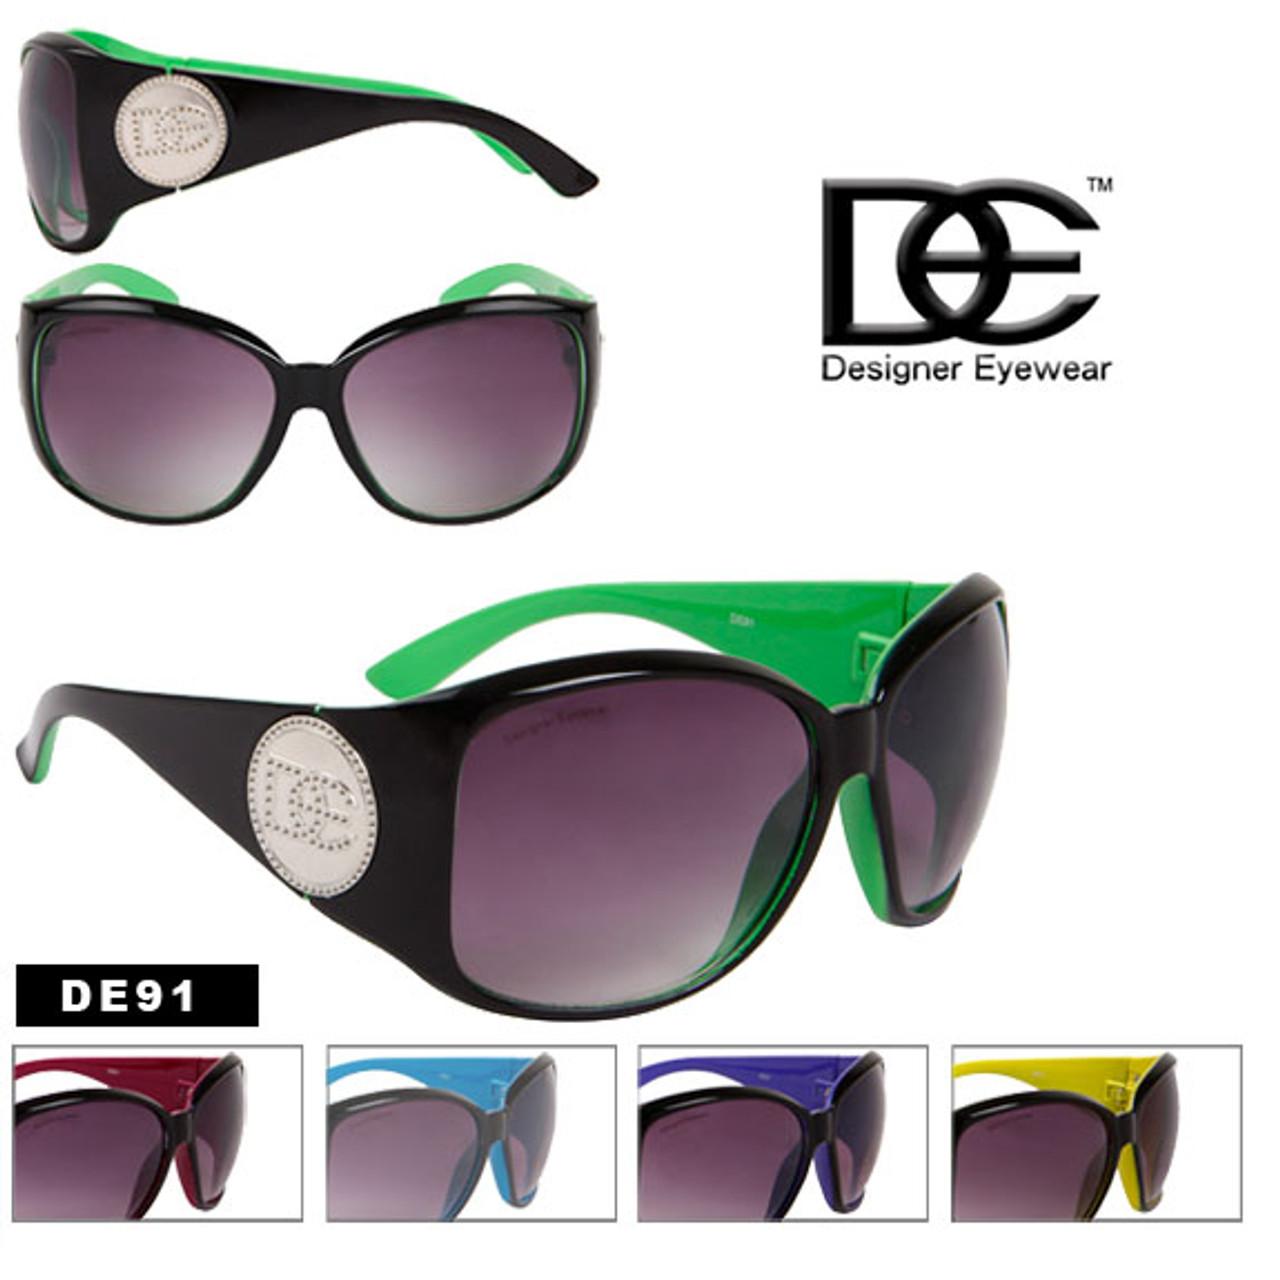 Big Lens Wholesale Fashion DE Sunglasses